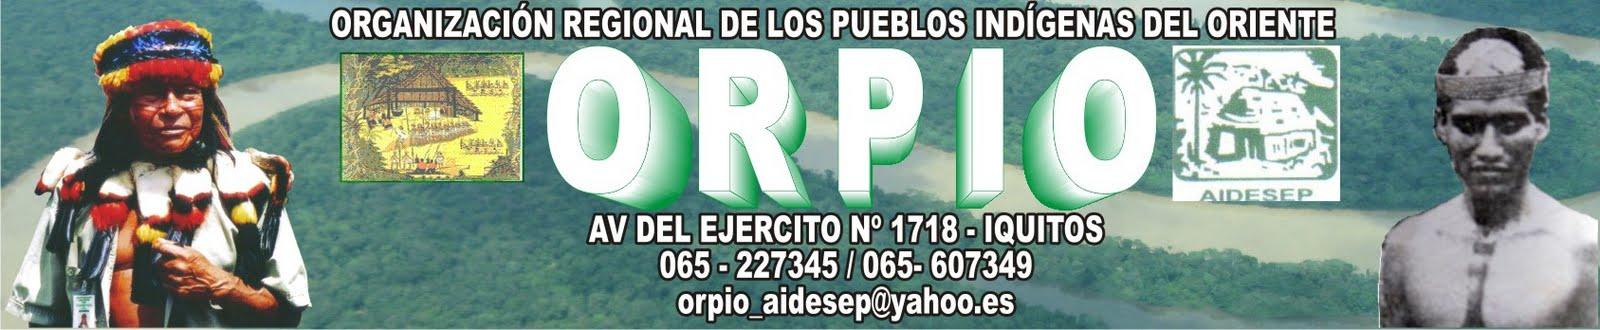 PUEBLOS INDIGENAS AMAZONICOS - ORPIO AIDESEP